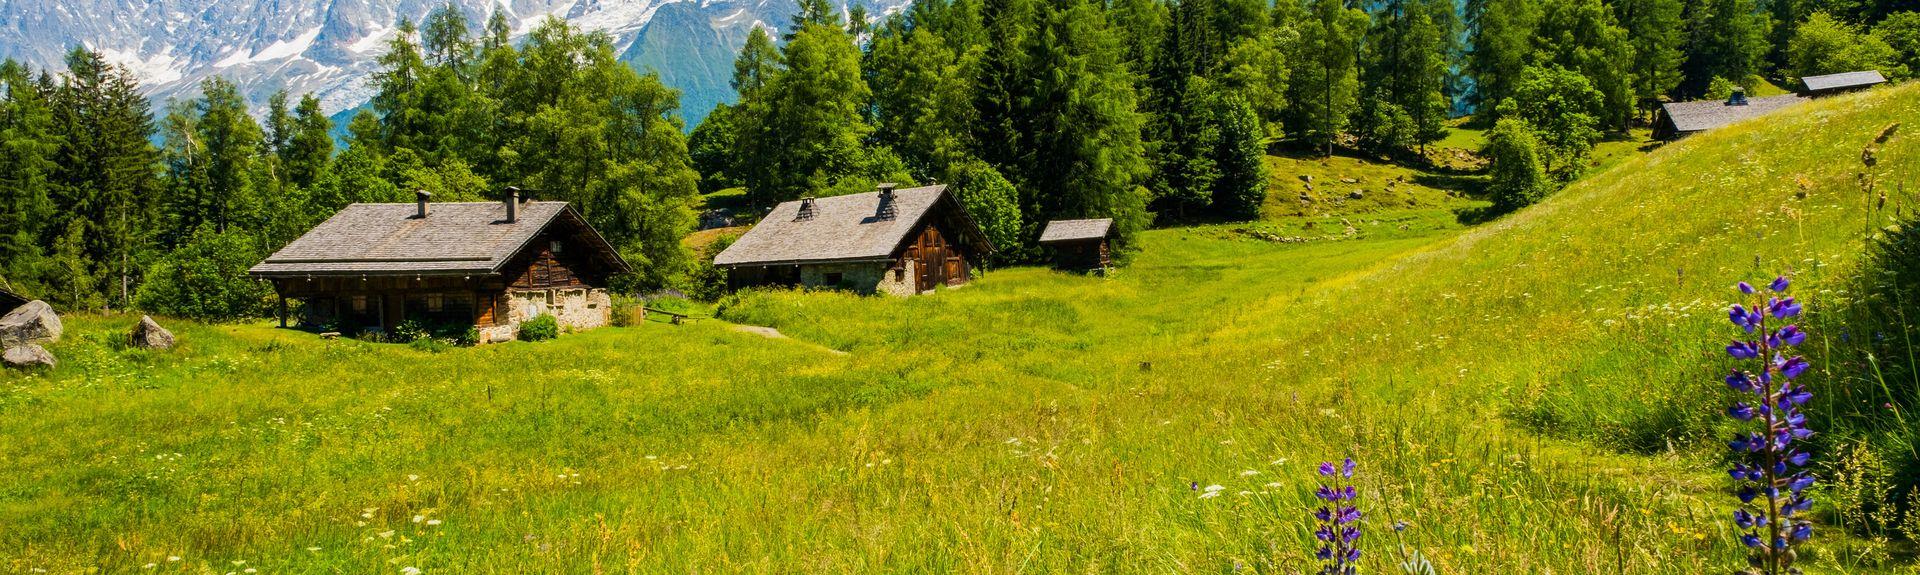 Les Houches, Haute-Savoie (Département), Frankreich